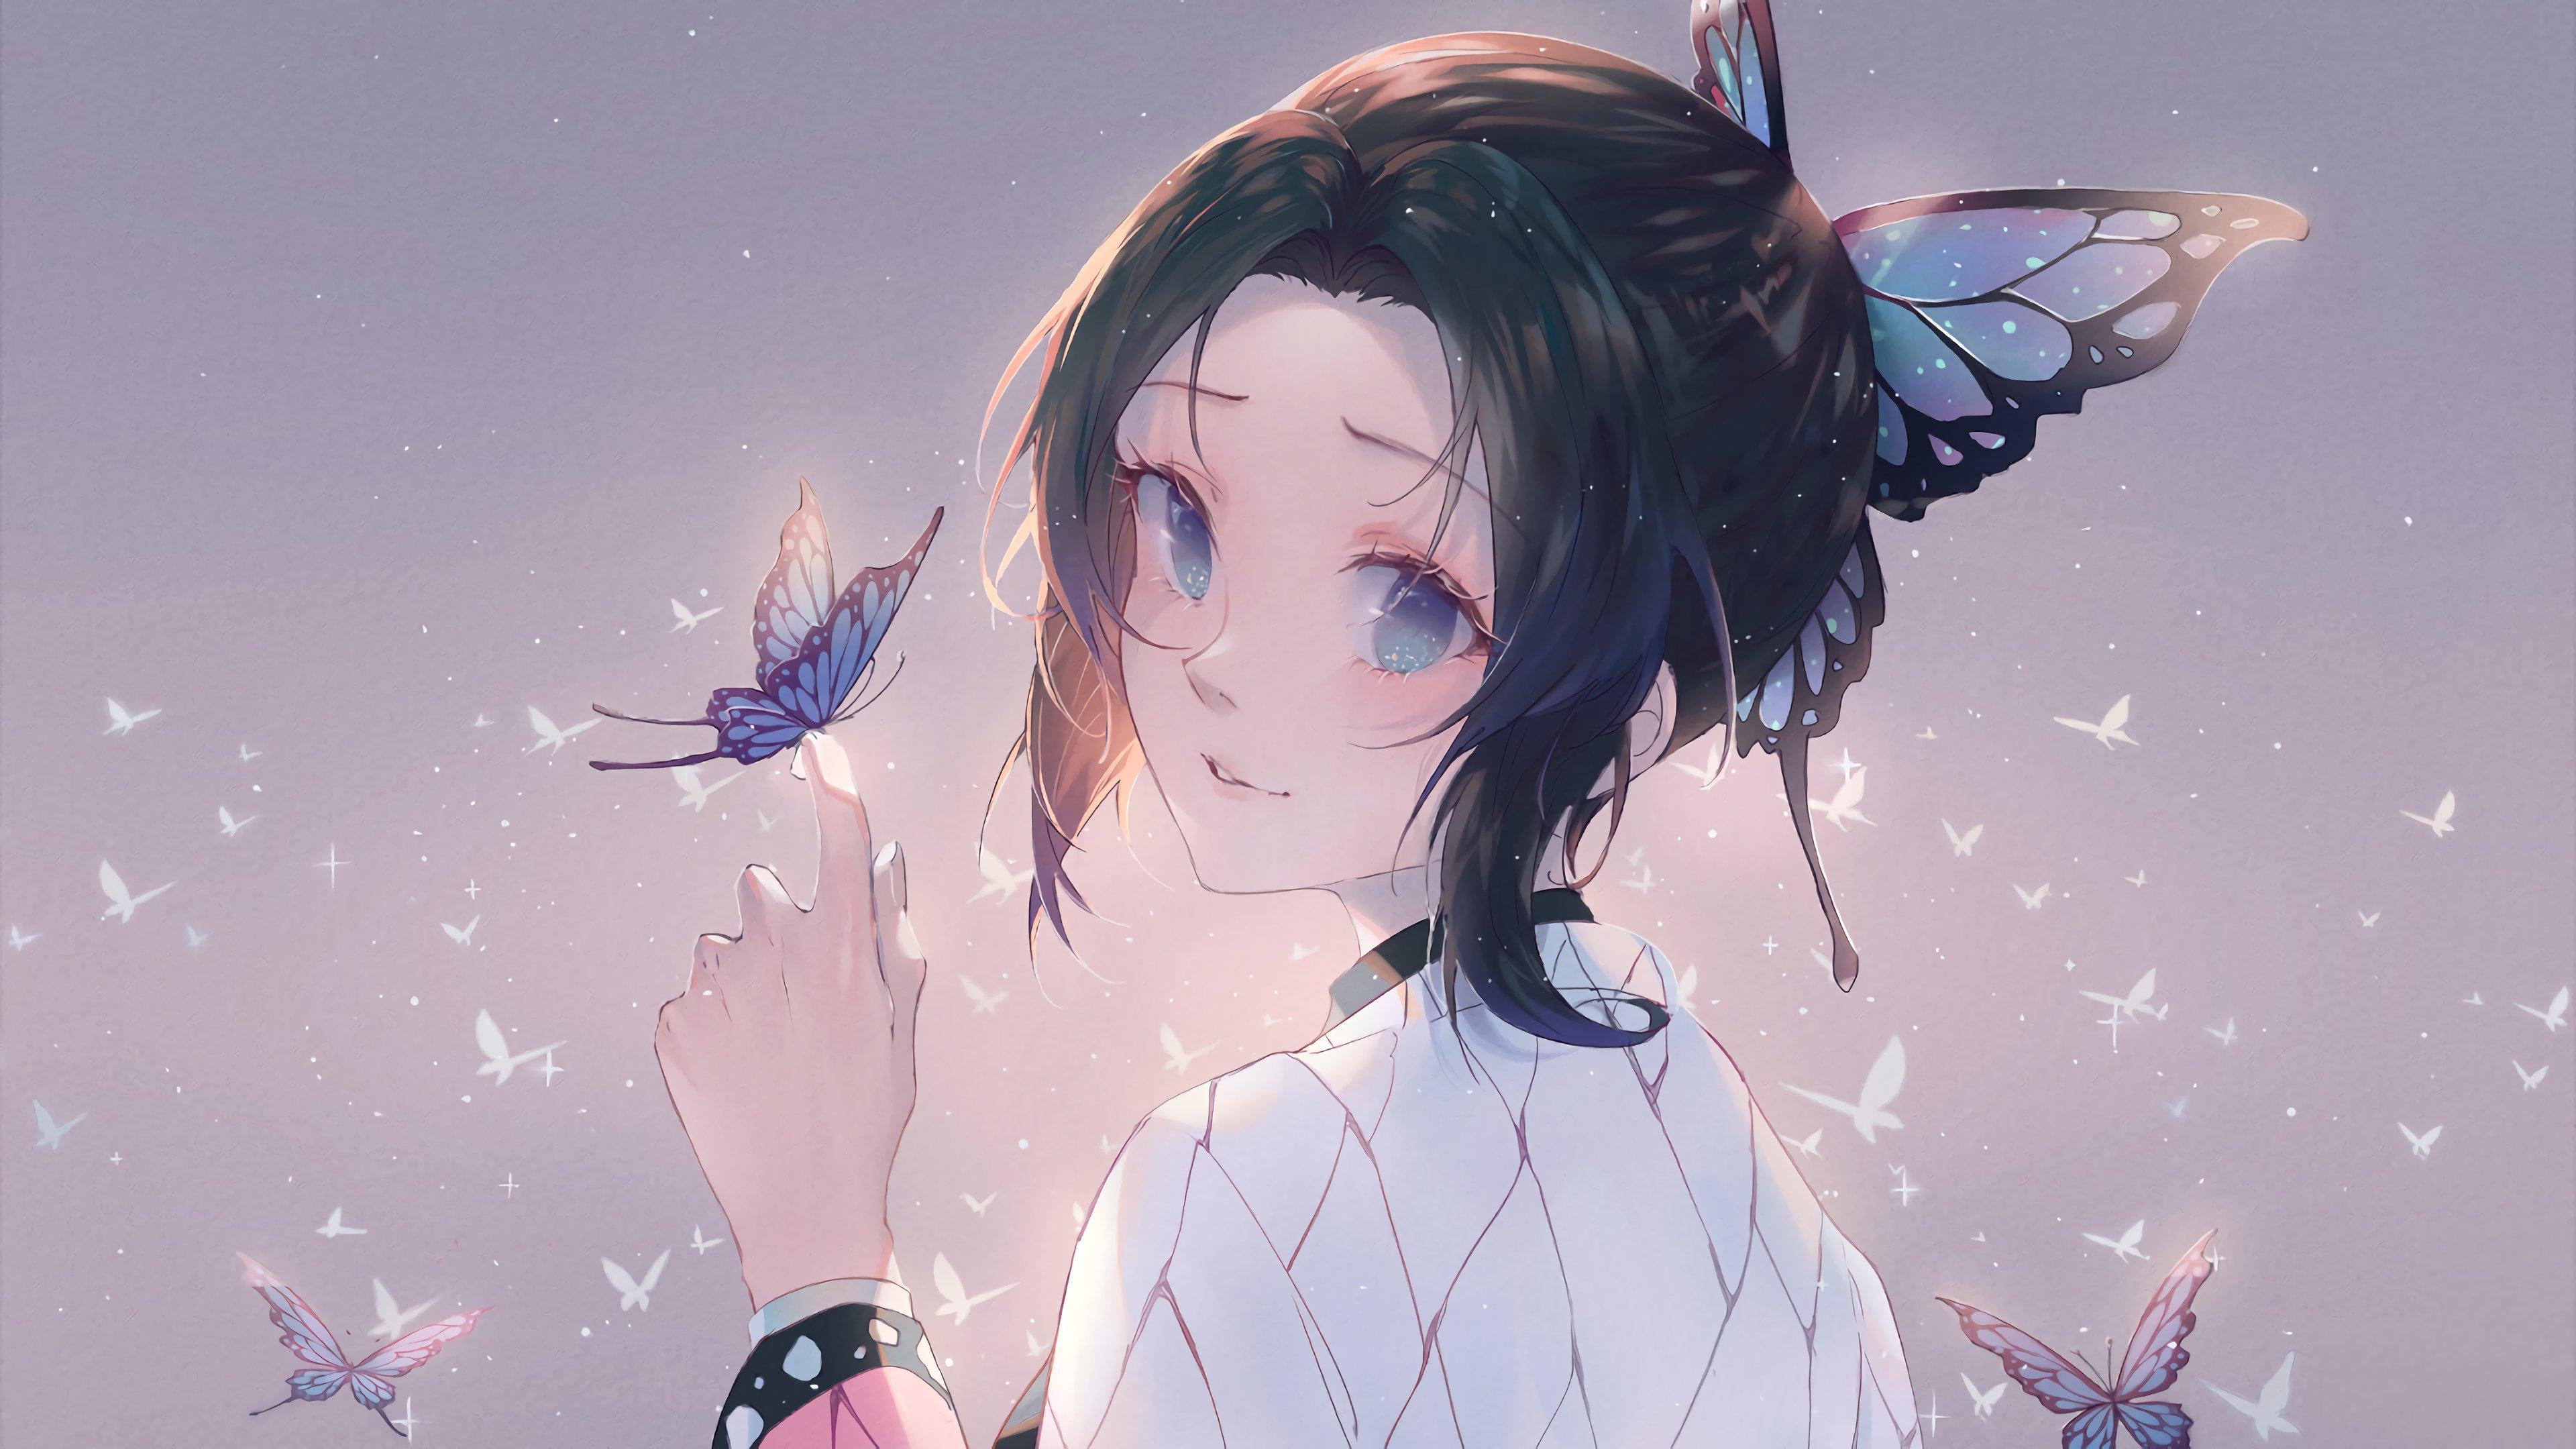 Shinobu Kocho from Kimetsu no Yaiba Anime Wallpaper 4k ...